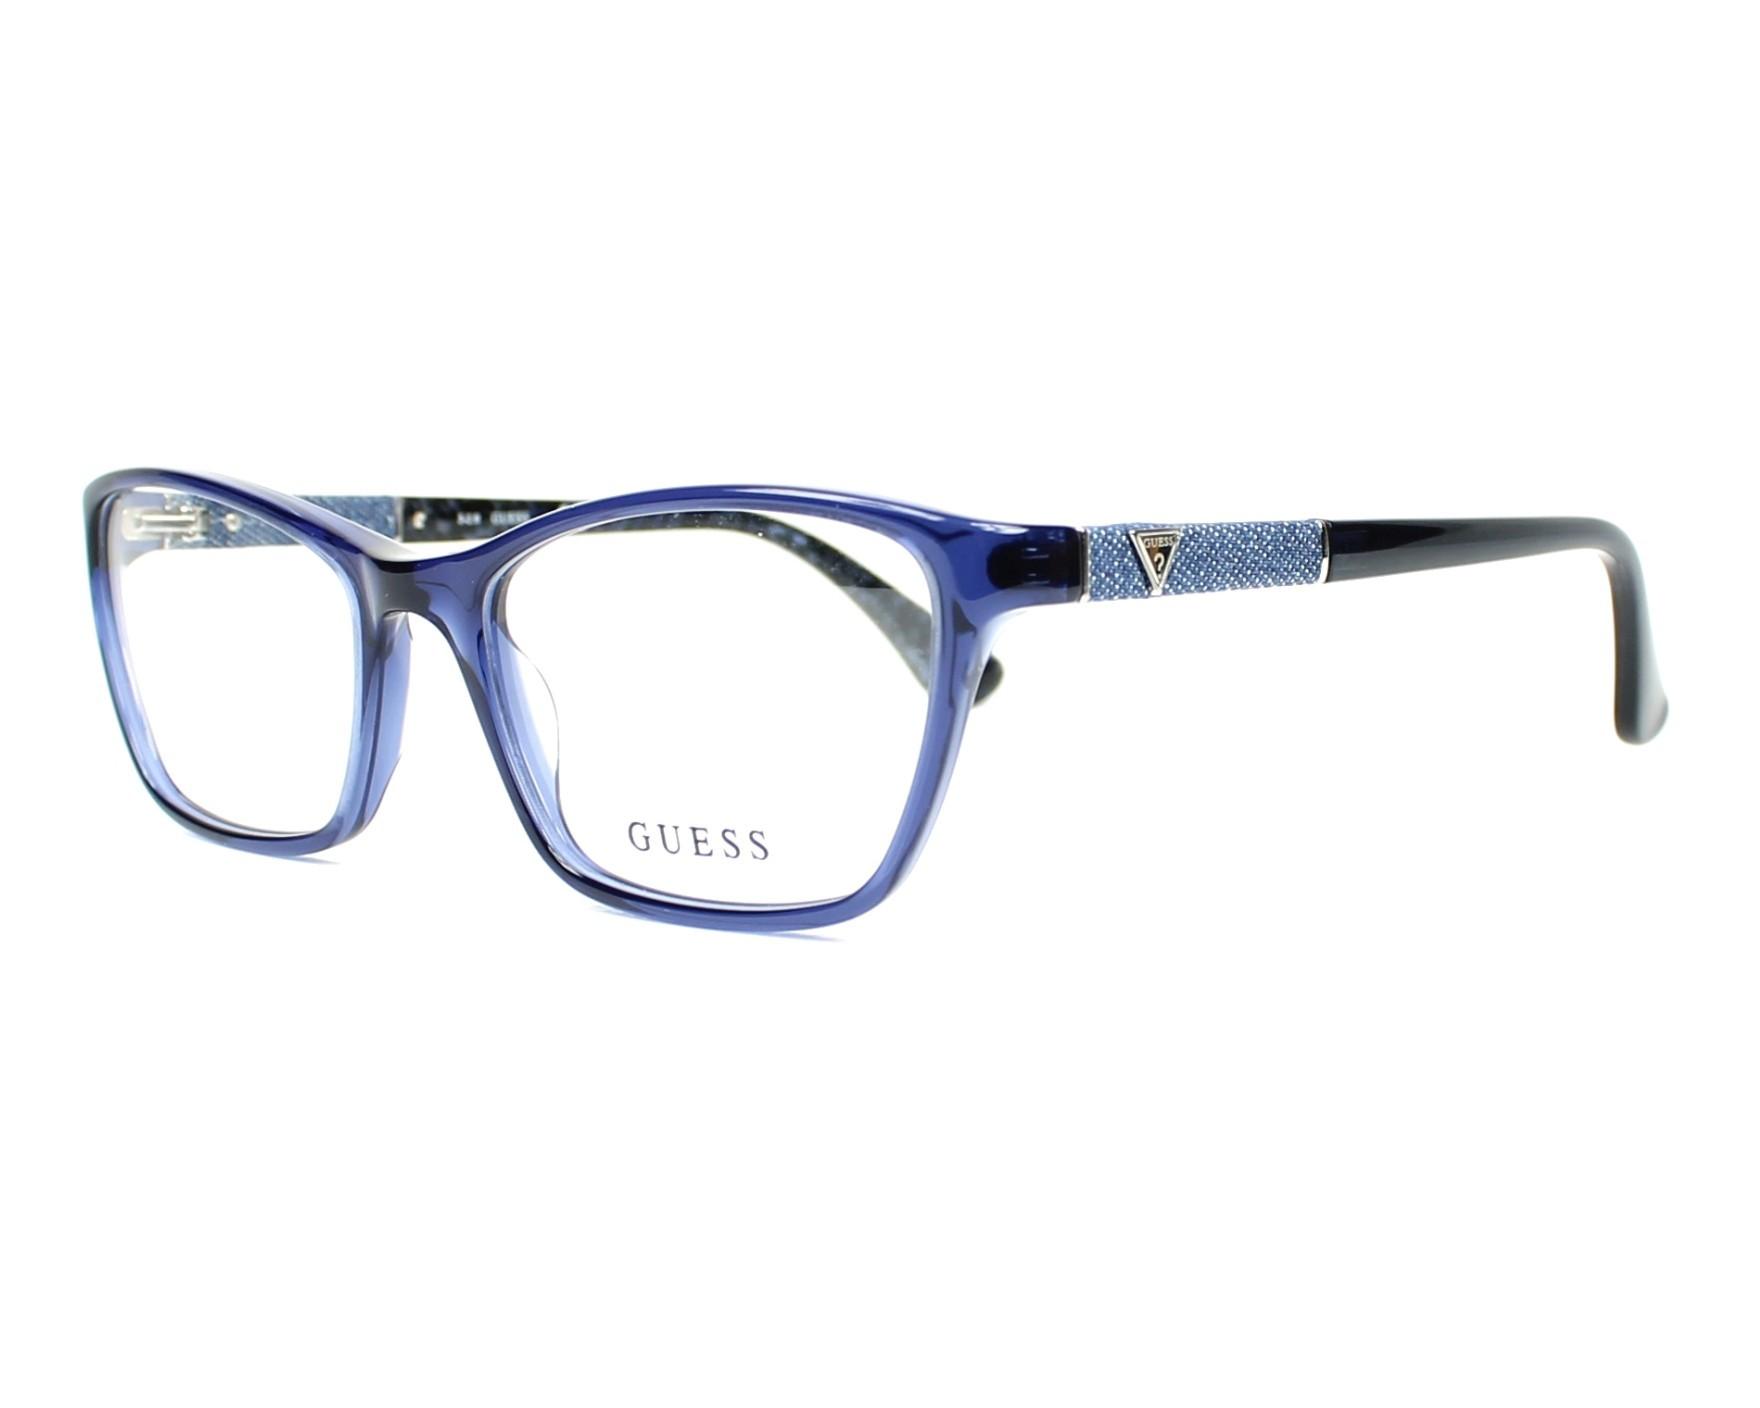 Guess Eyeglasses GU-2594 090 Purple | visio-net.com